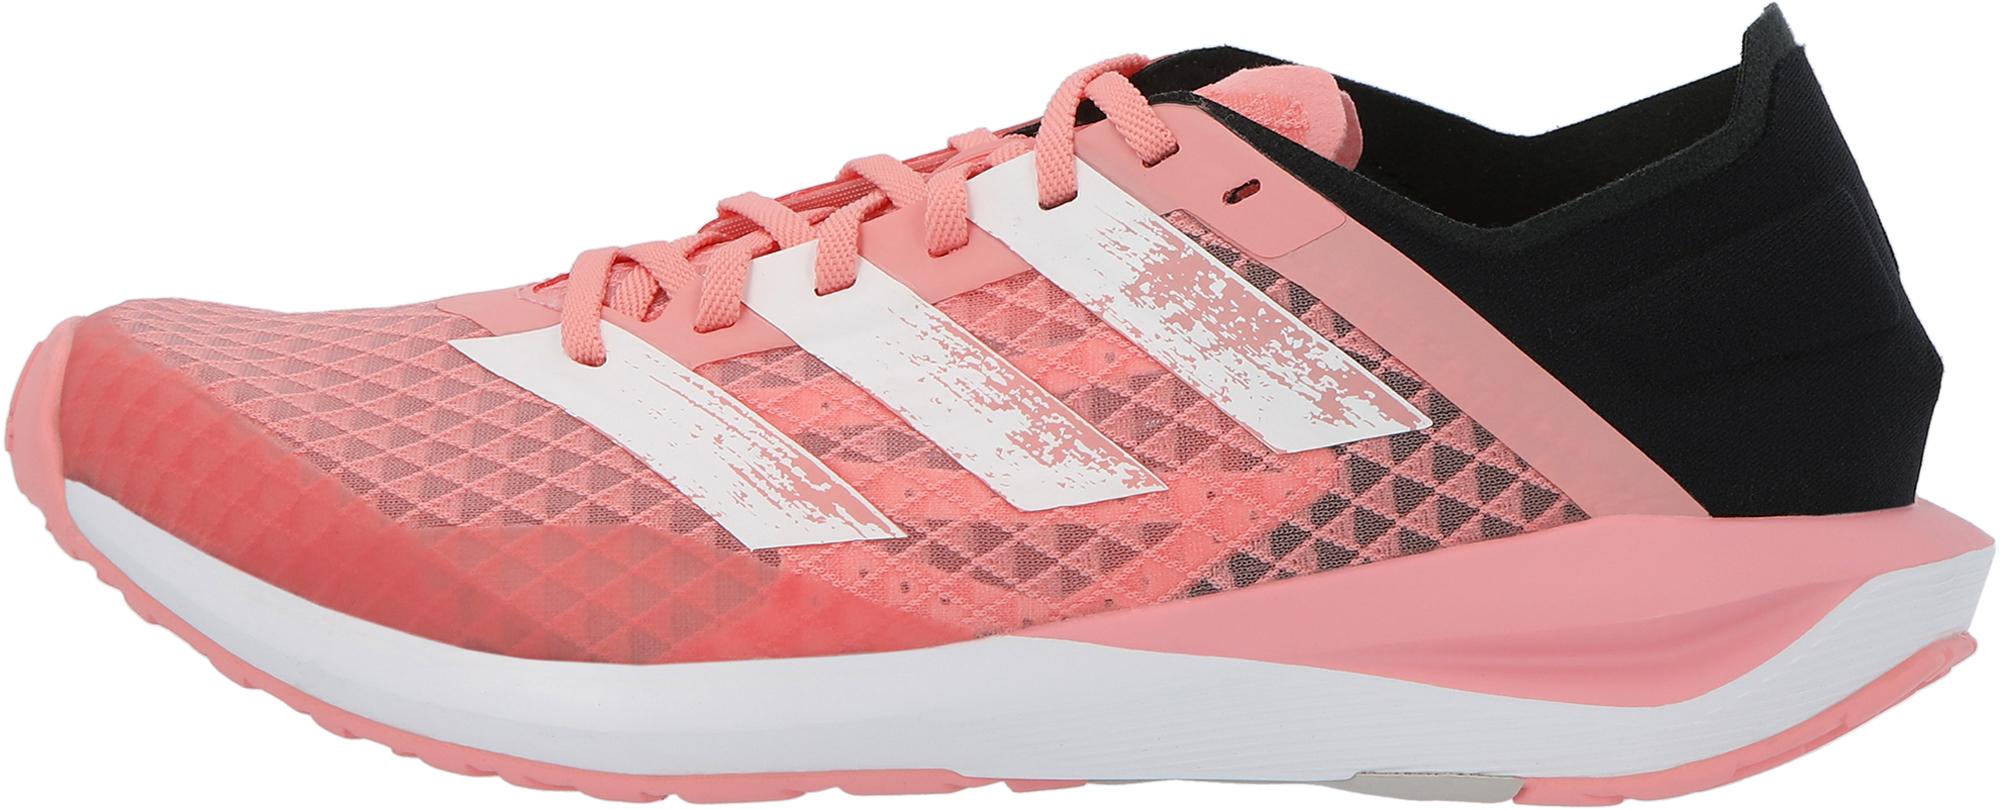 Adidas Кроссовки для девочек Adidas RapidaFaito, размер 36